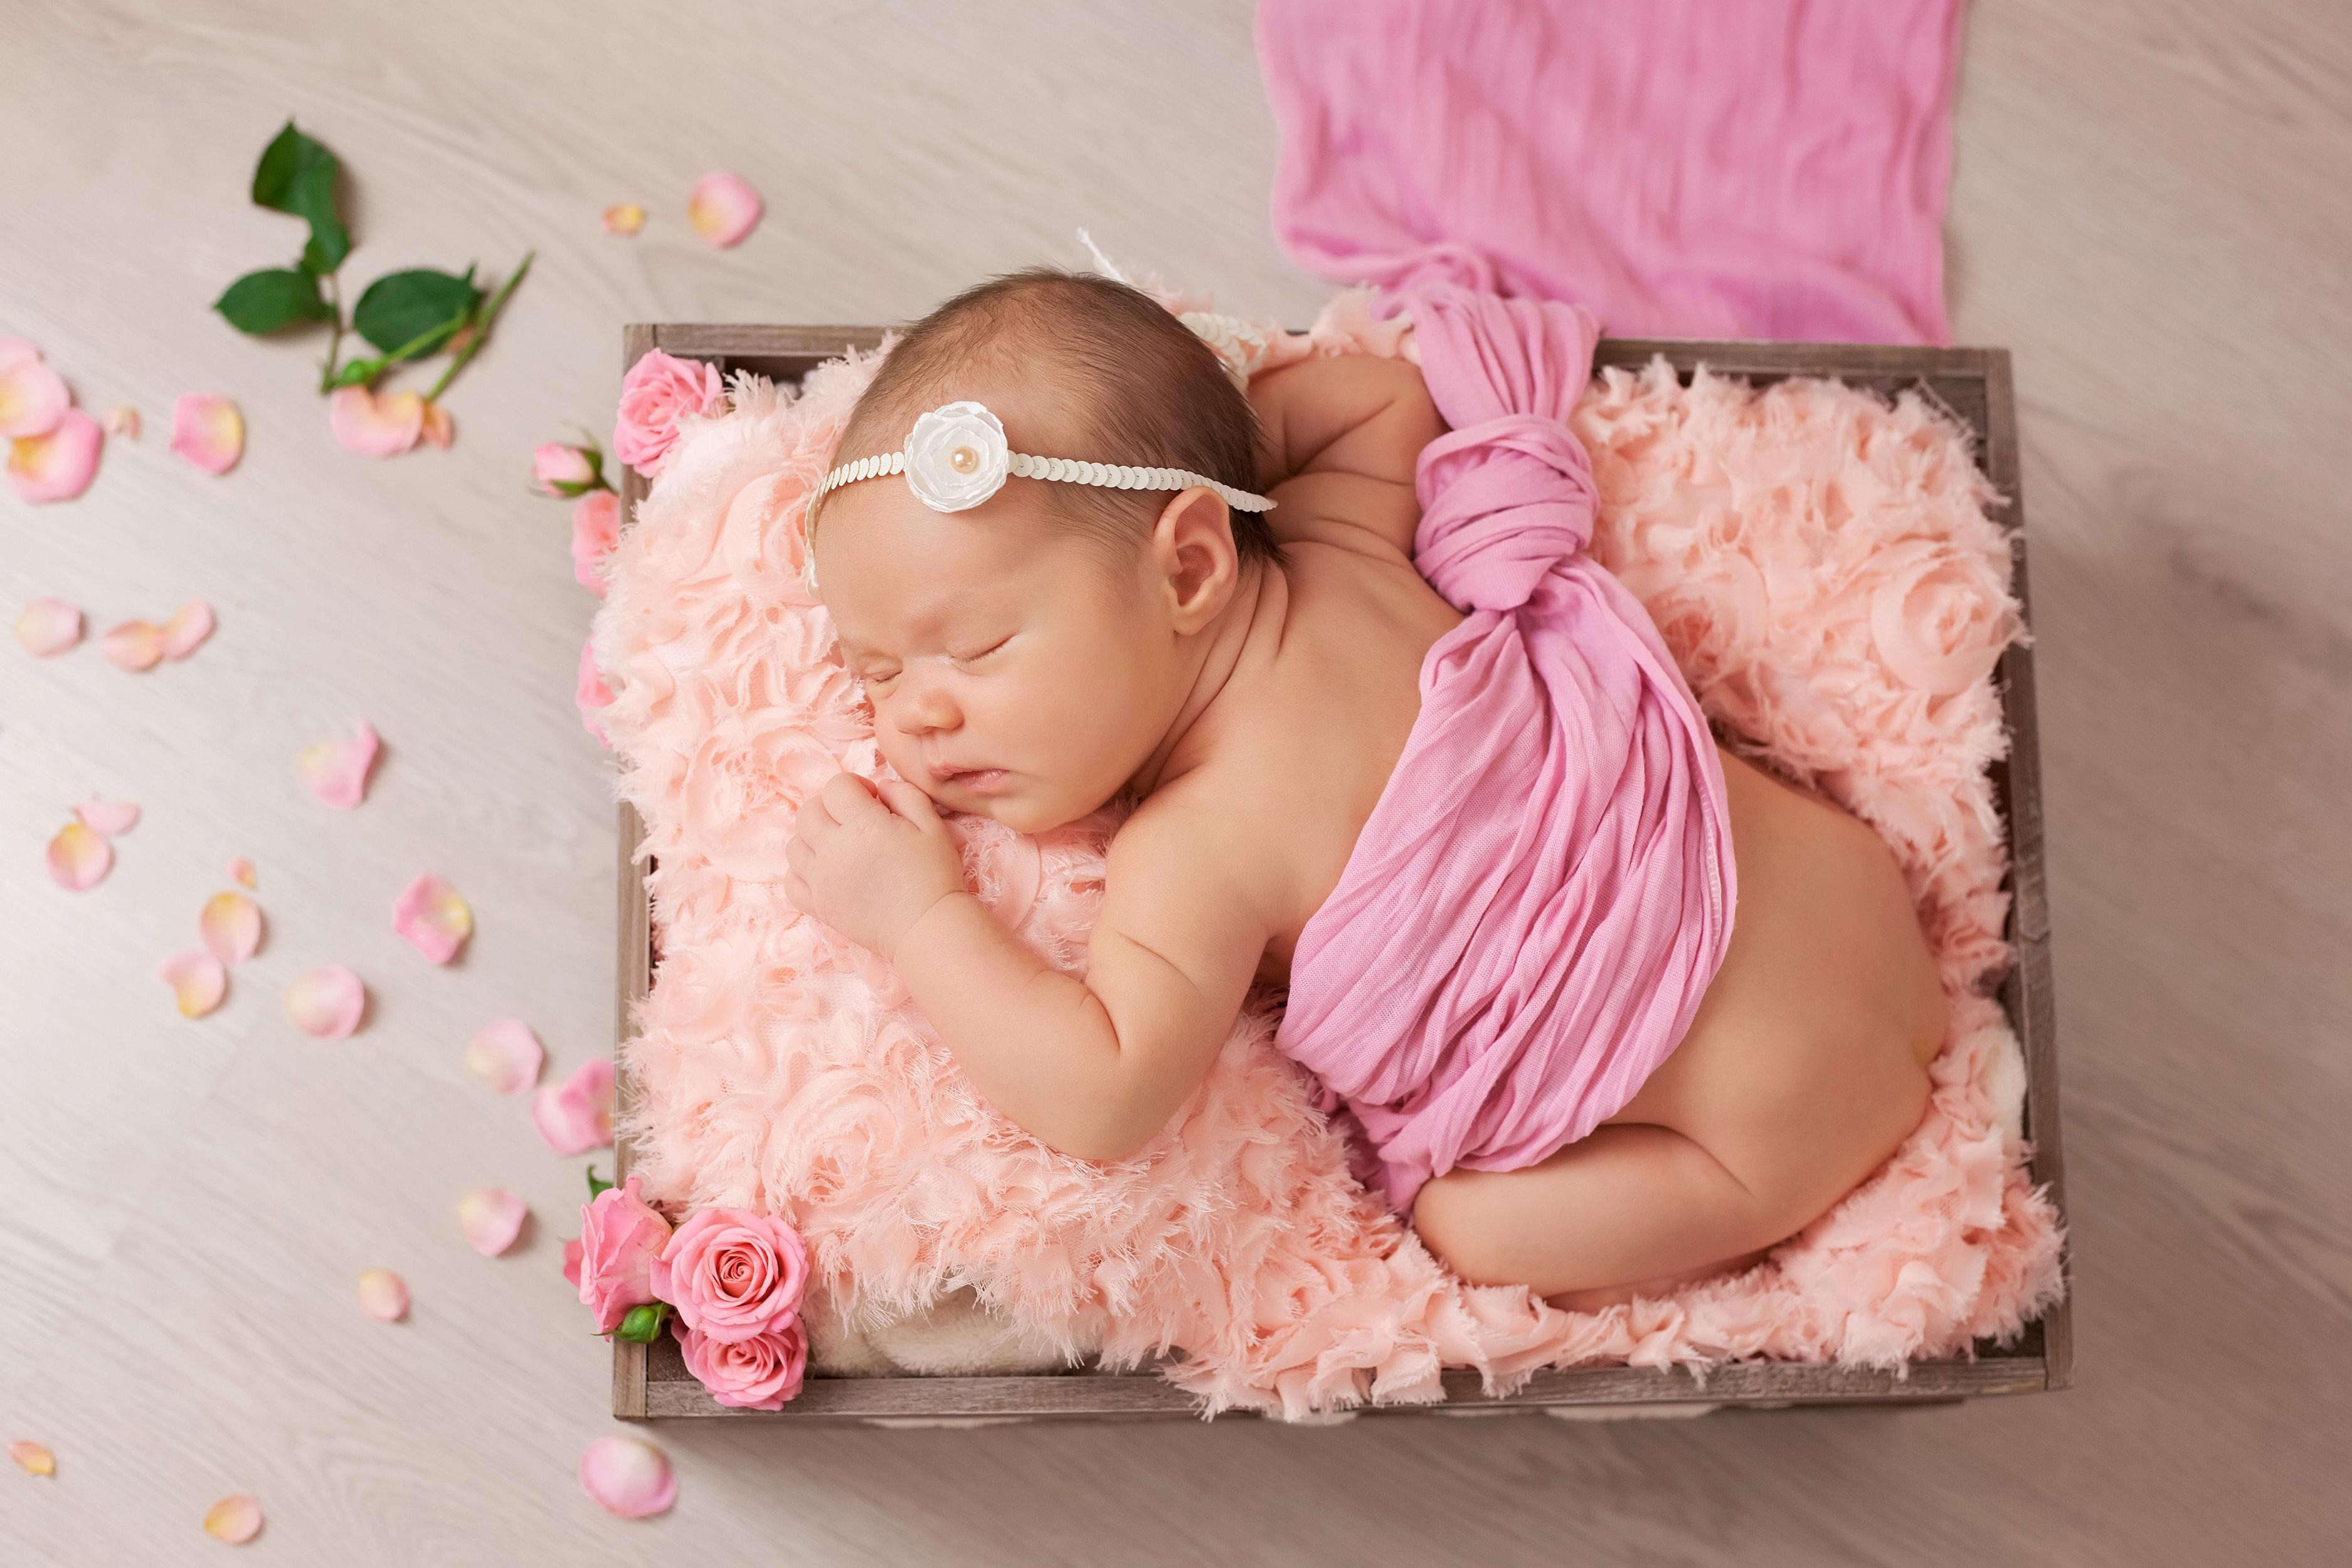 Фоны для, картинки новорожденного ребенка девочки